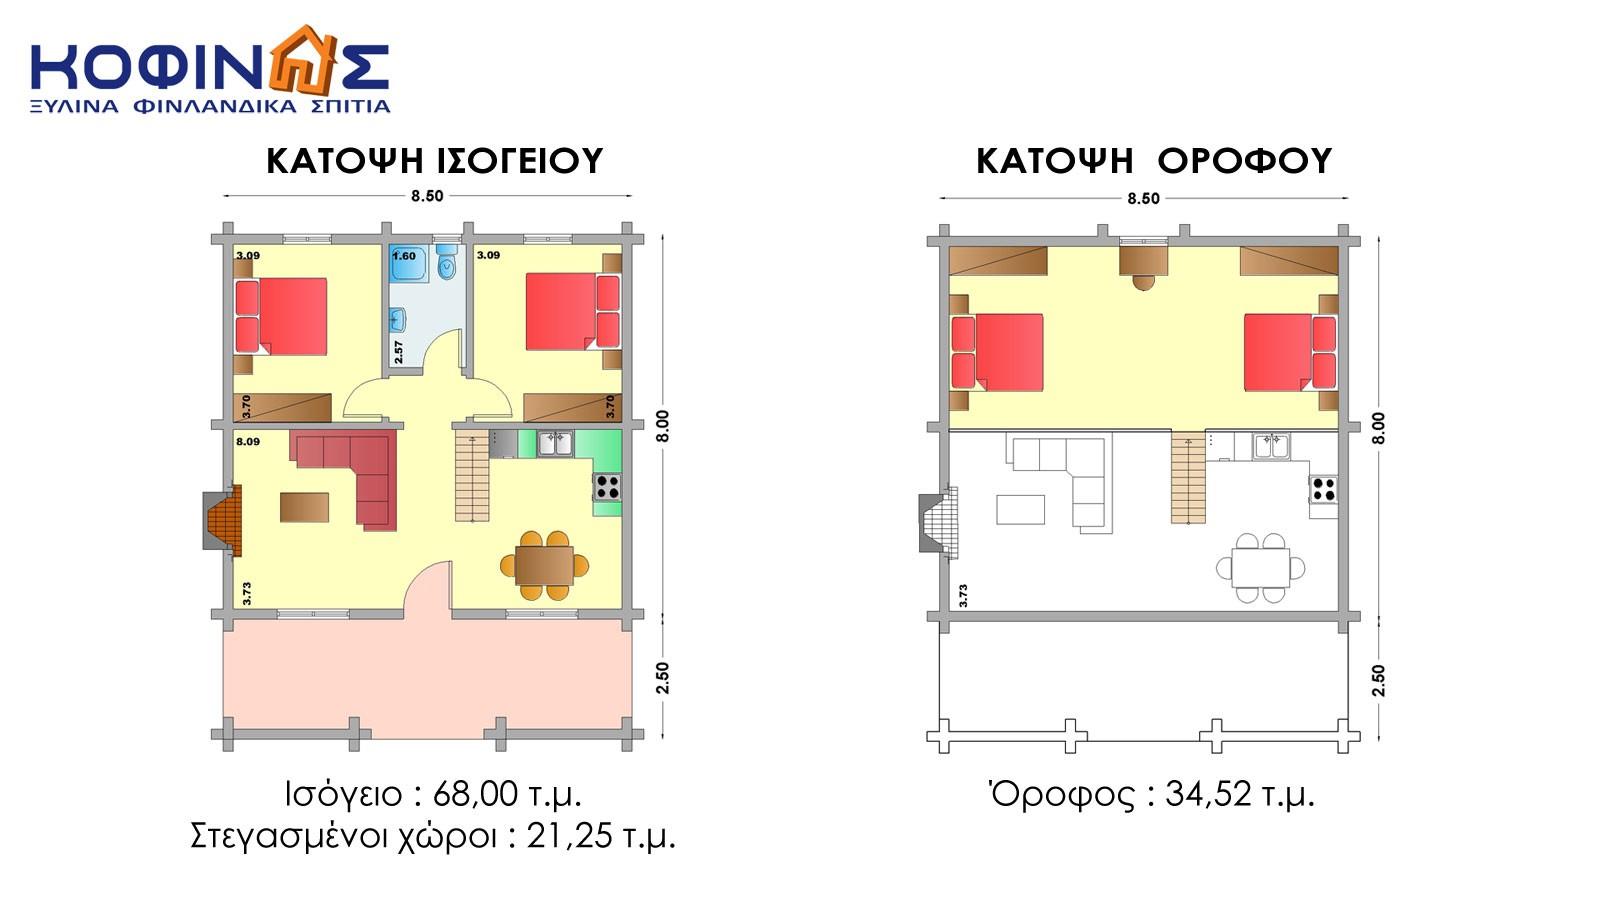 Διώροφη Ξύλινη Κατοικία XD-102, συνολικής επιφάνειας 102,52 τ.μ.